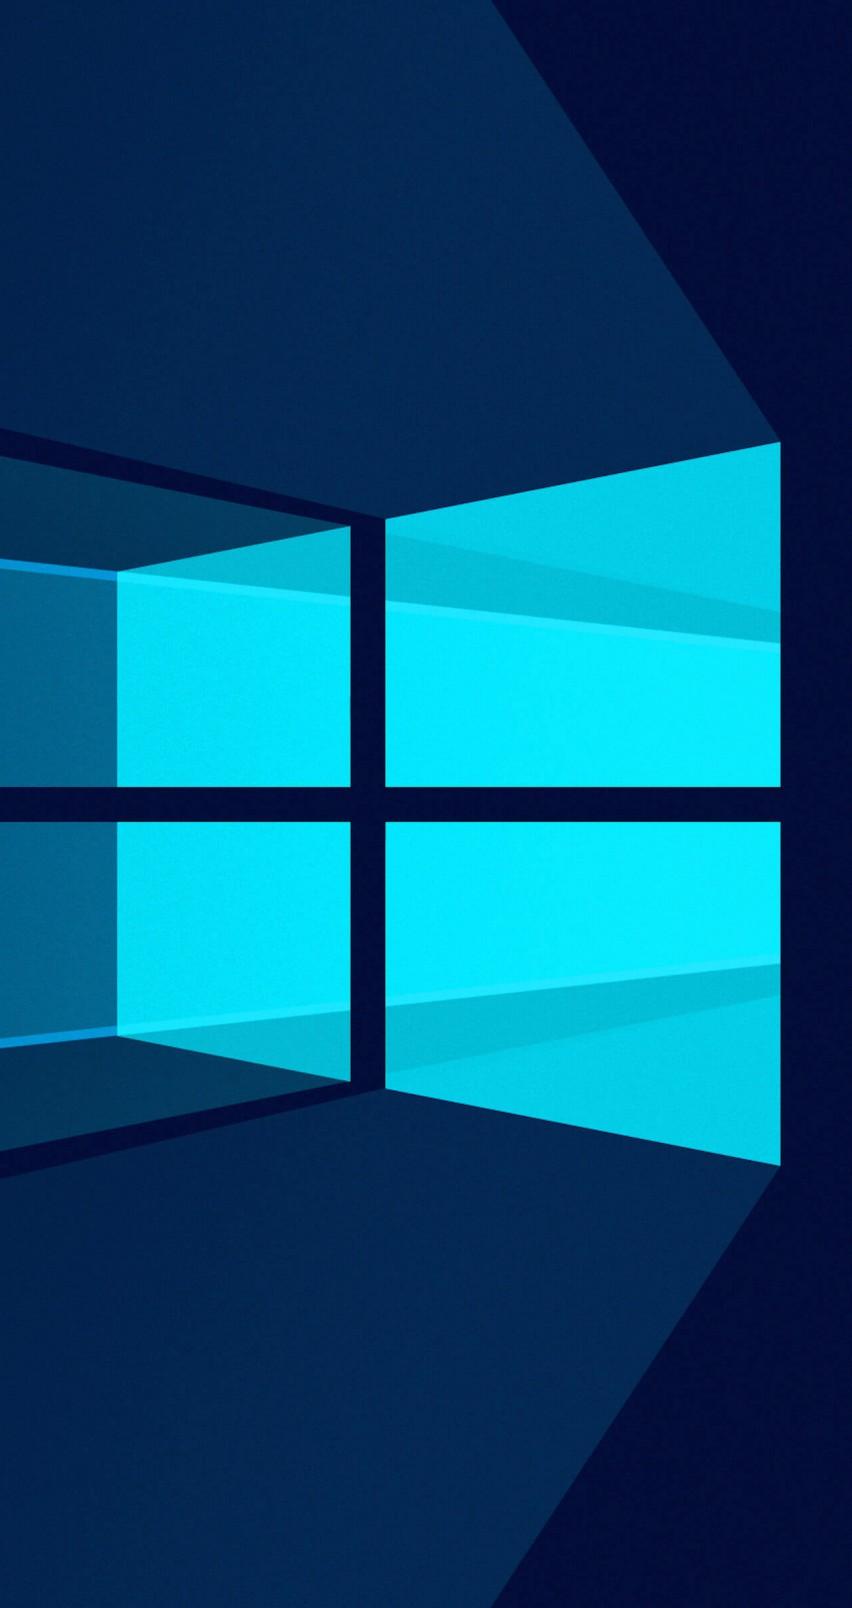 Fond D'ecran Windows 10 : d'ecran, windows, Fenêtres, D'arrière-plan, Claires, D'écran, Windows, Mobile, 852x1608, WallpaperTip